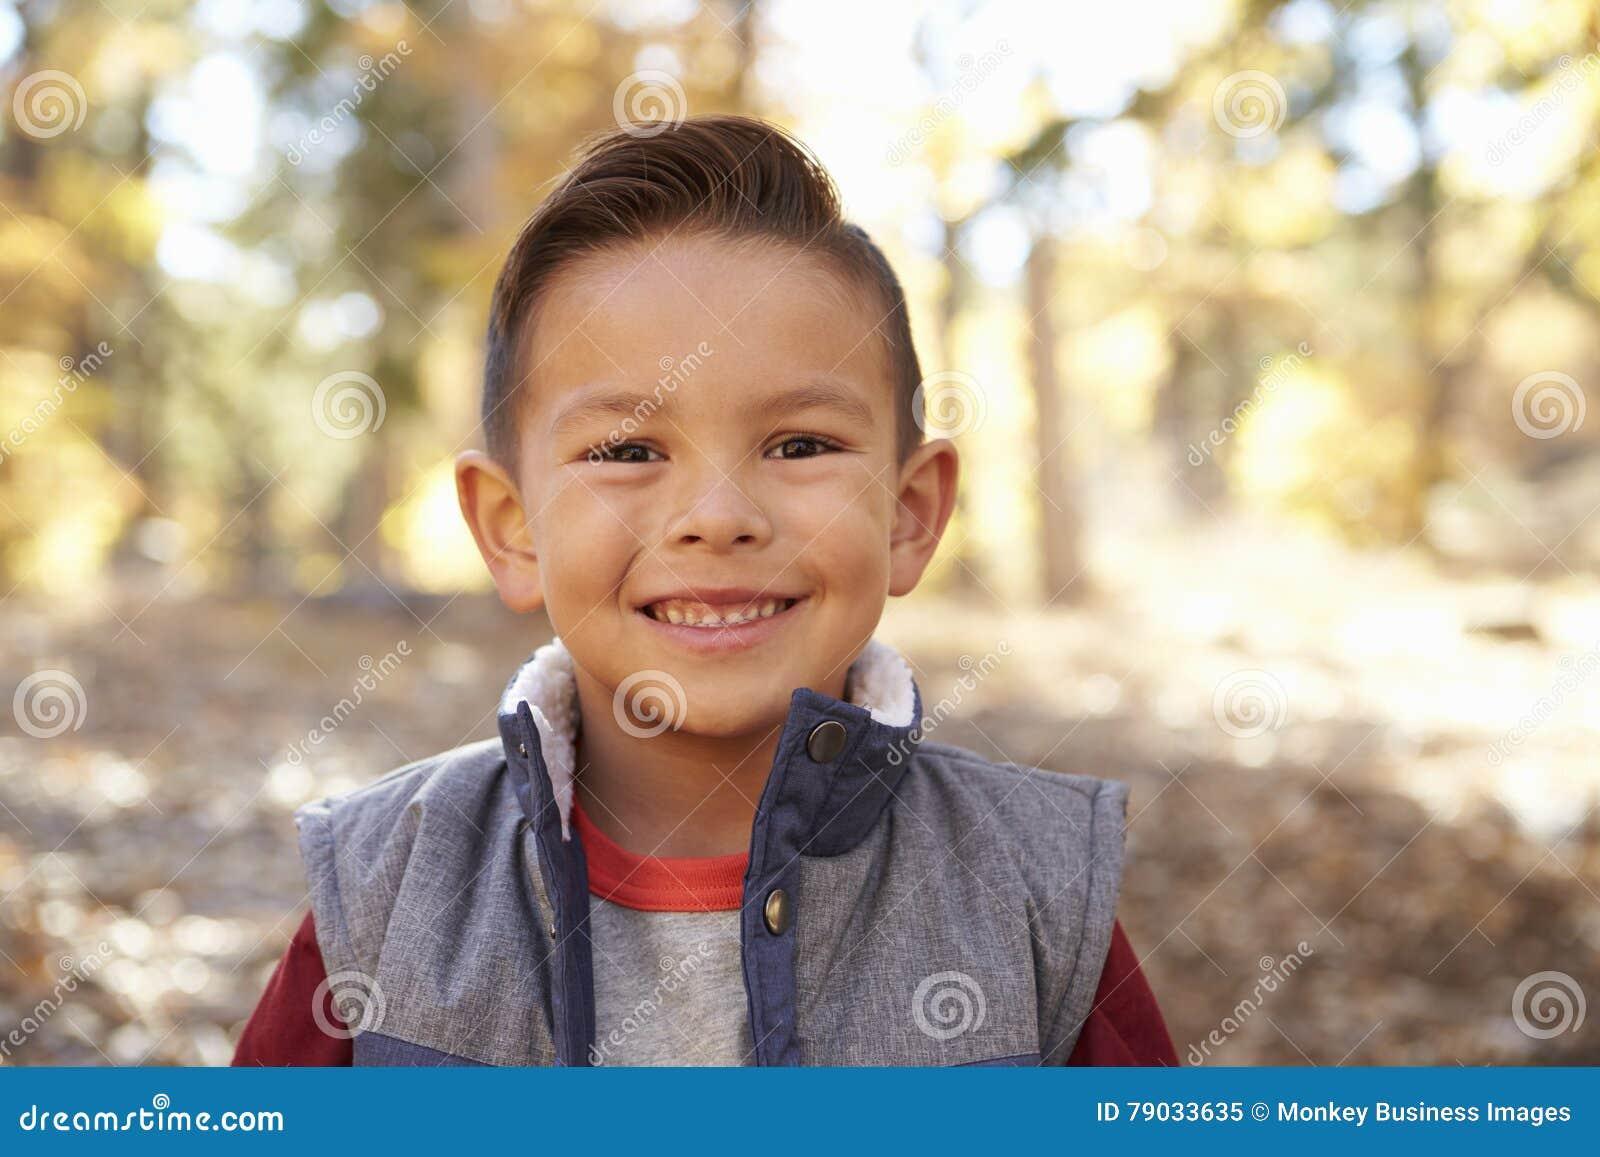 Haupt- und Schulterporträt eines hispanischen Jungen in einem Wald